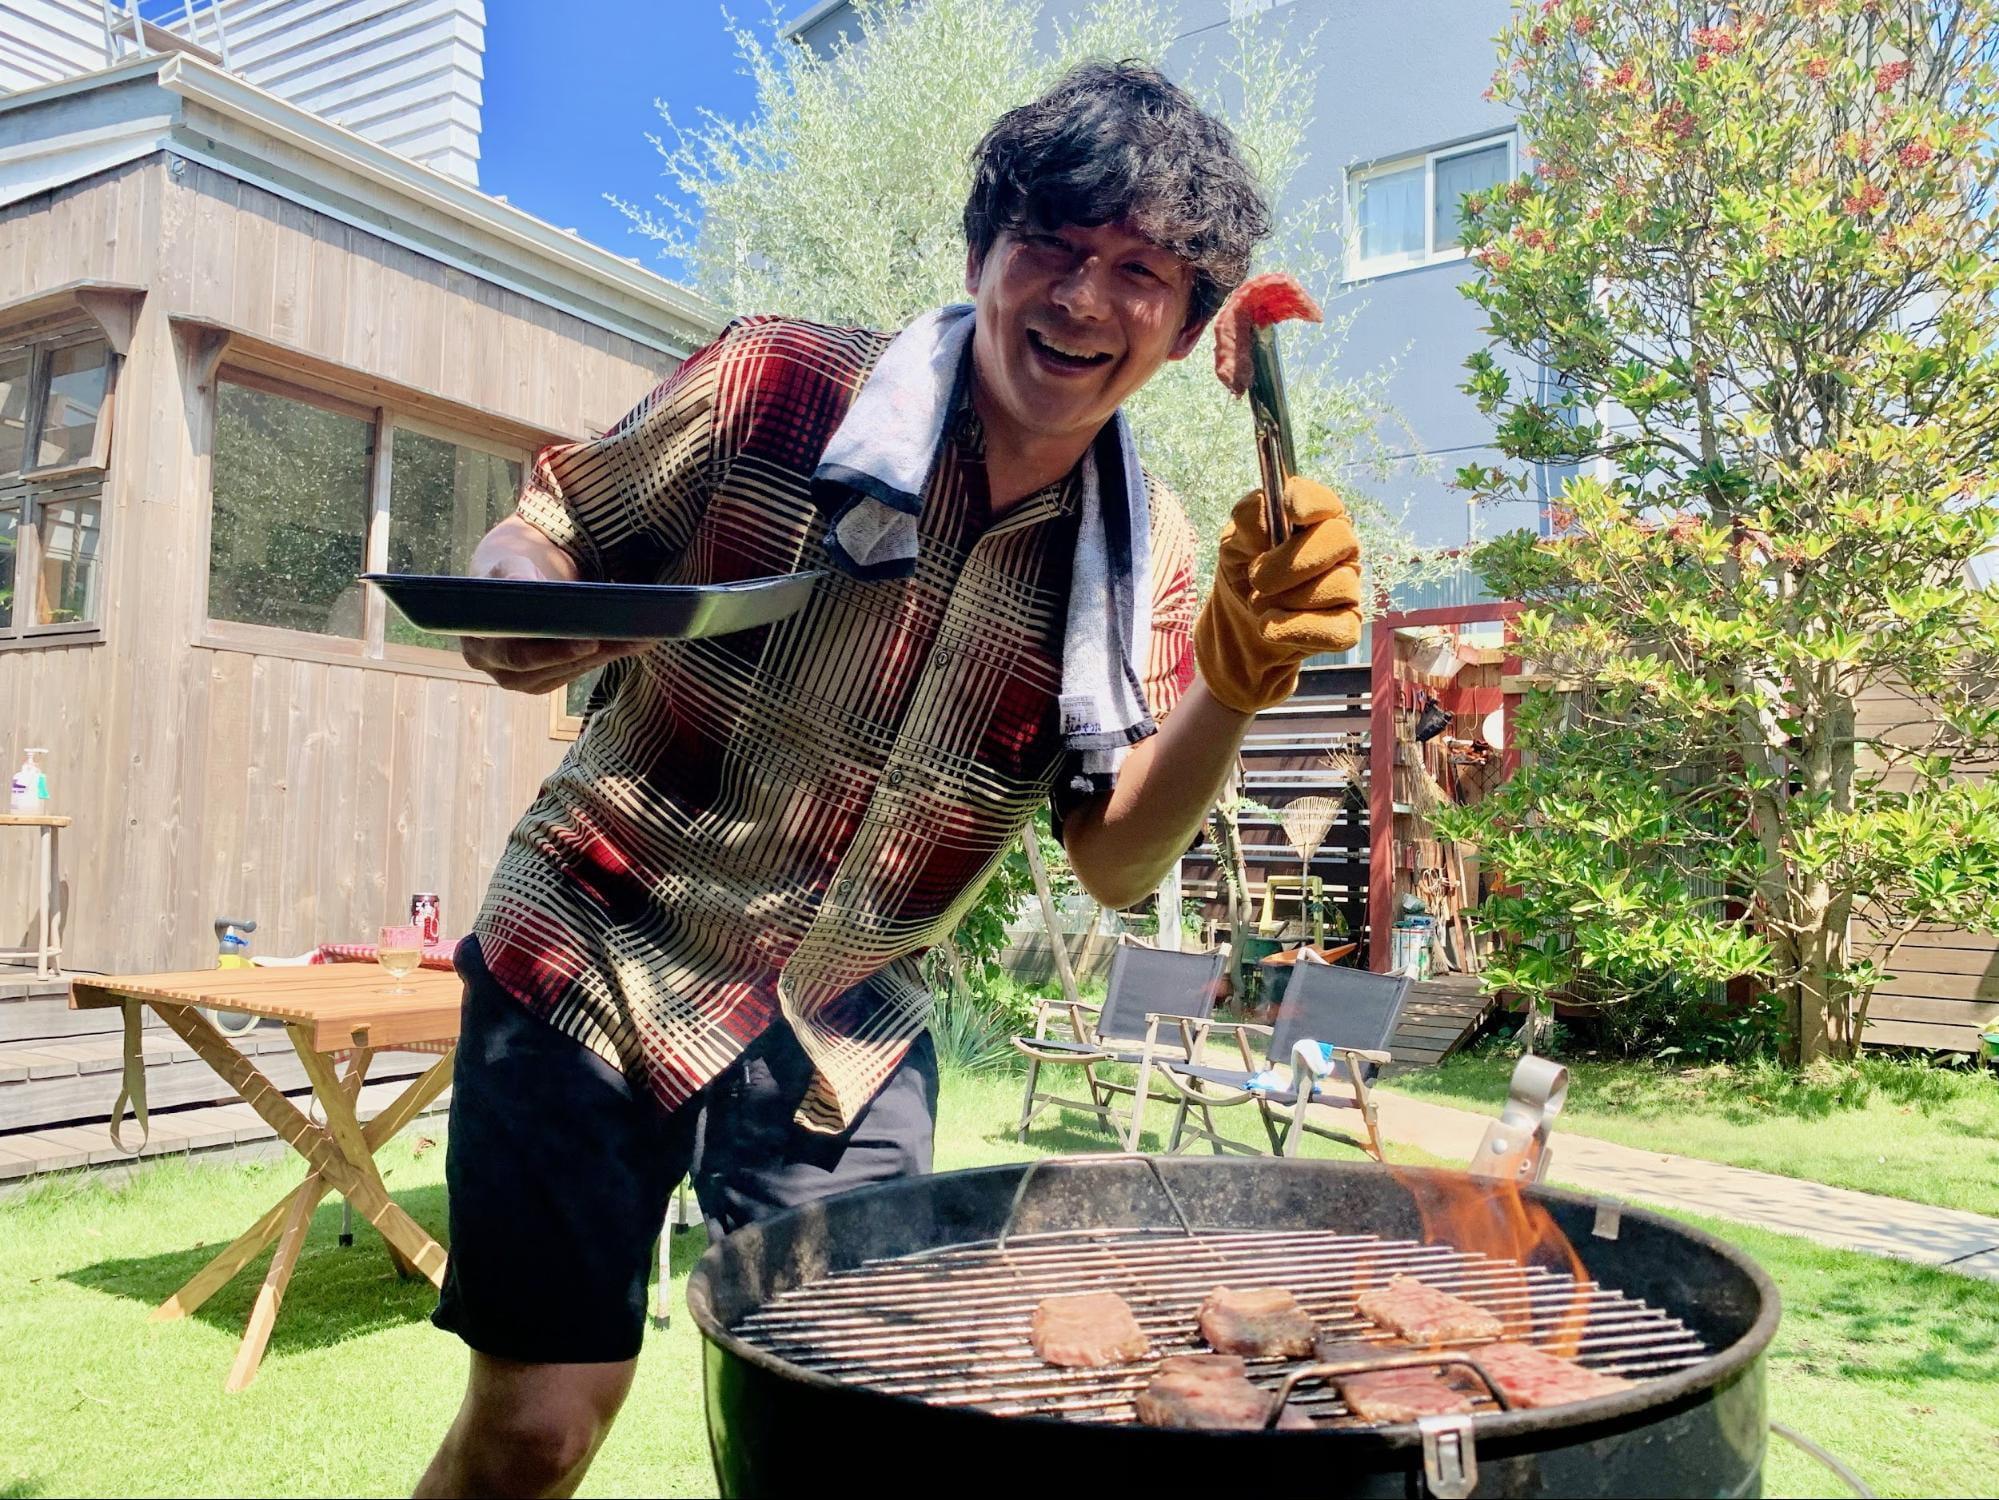 鎌倉の豪邸に肉を焼きに行ったら、超・経営論を聞かせてもらった話